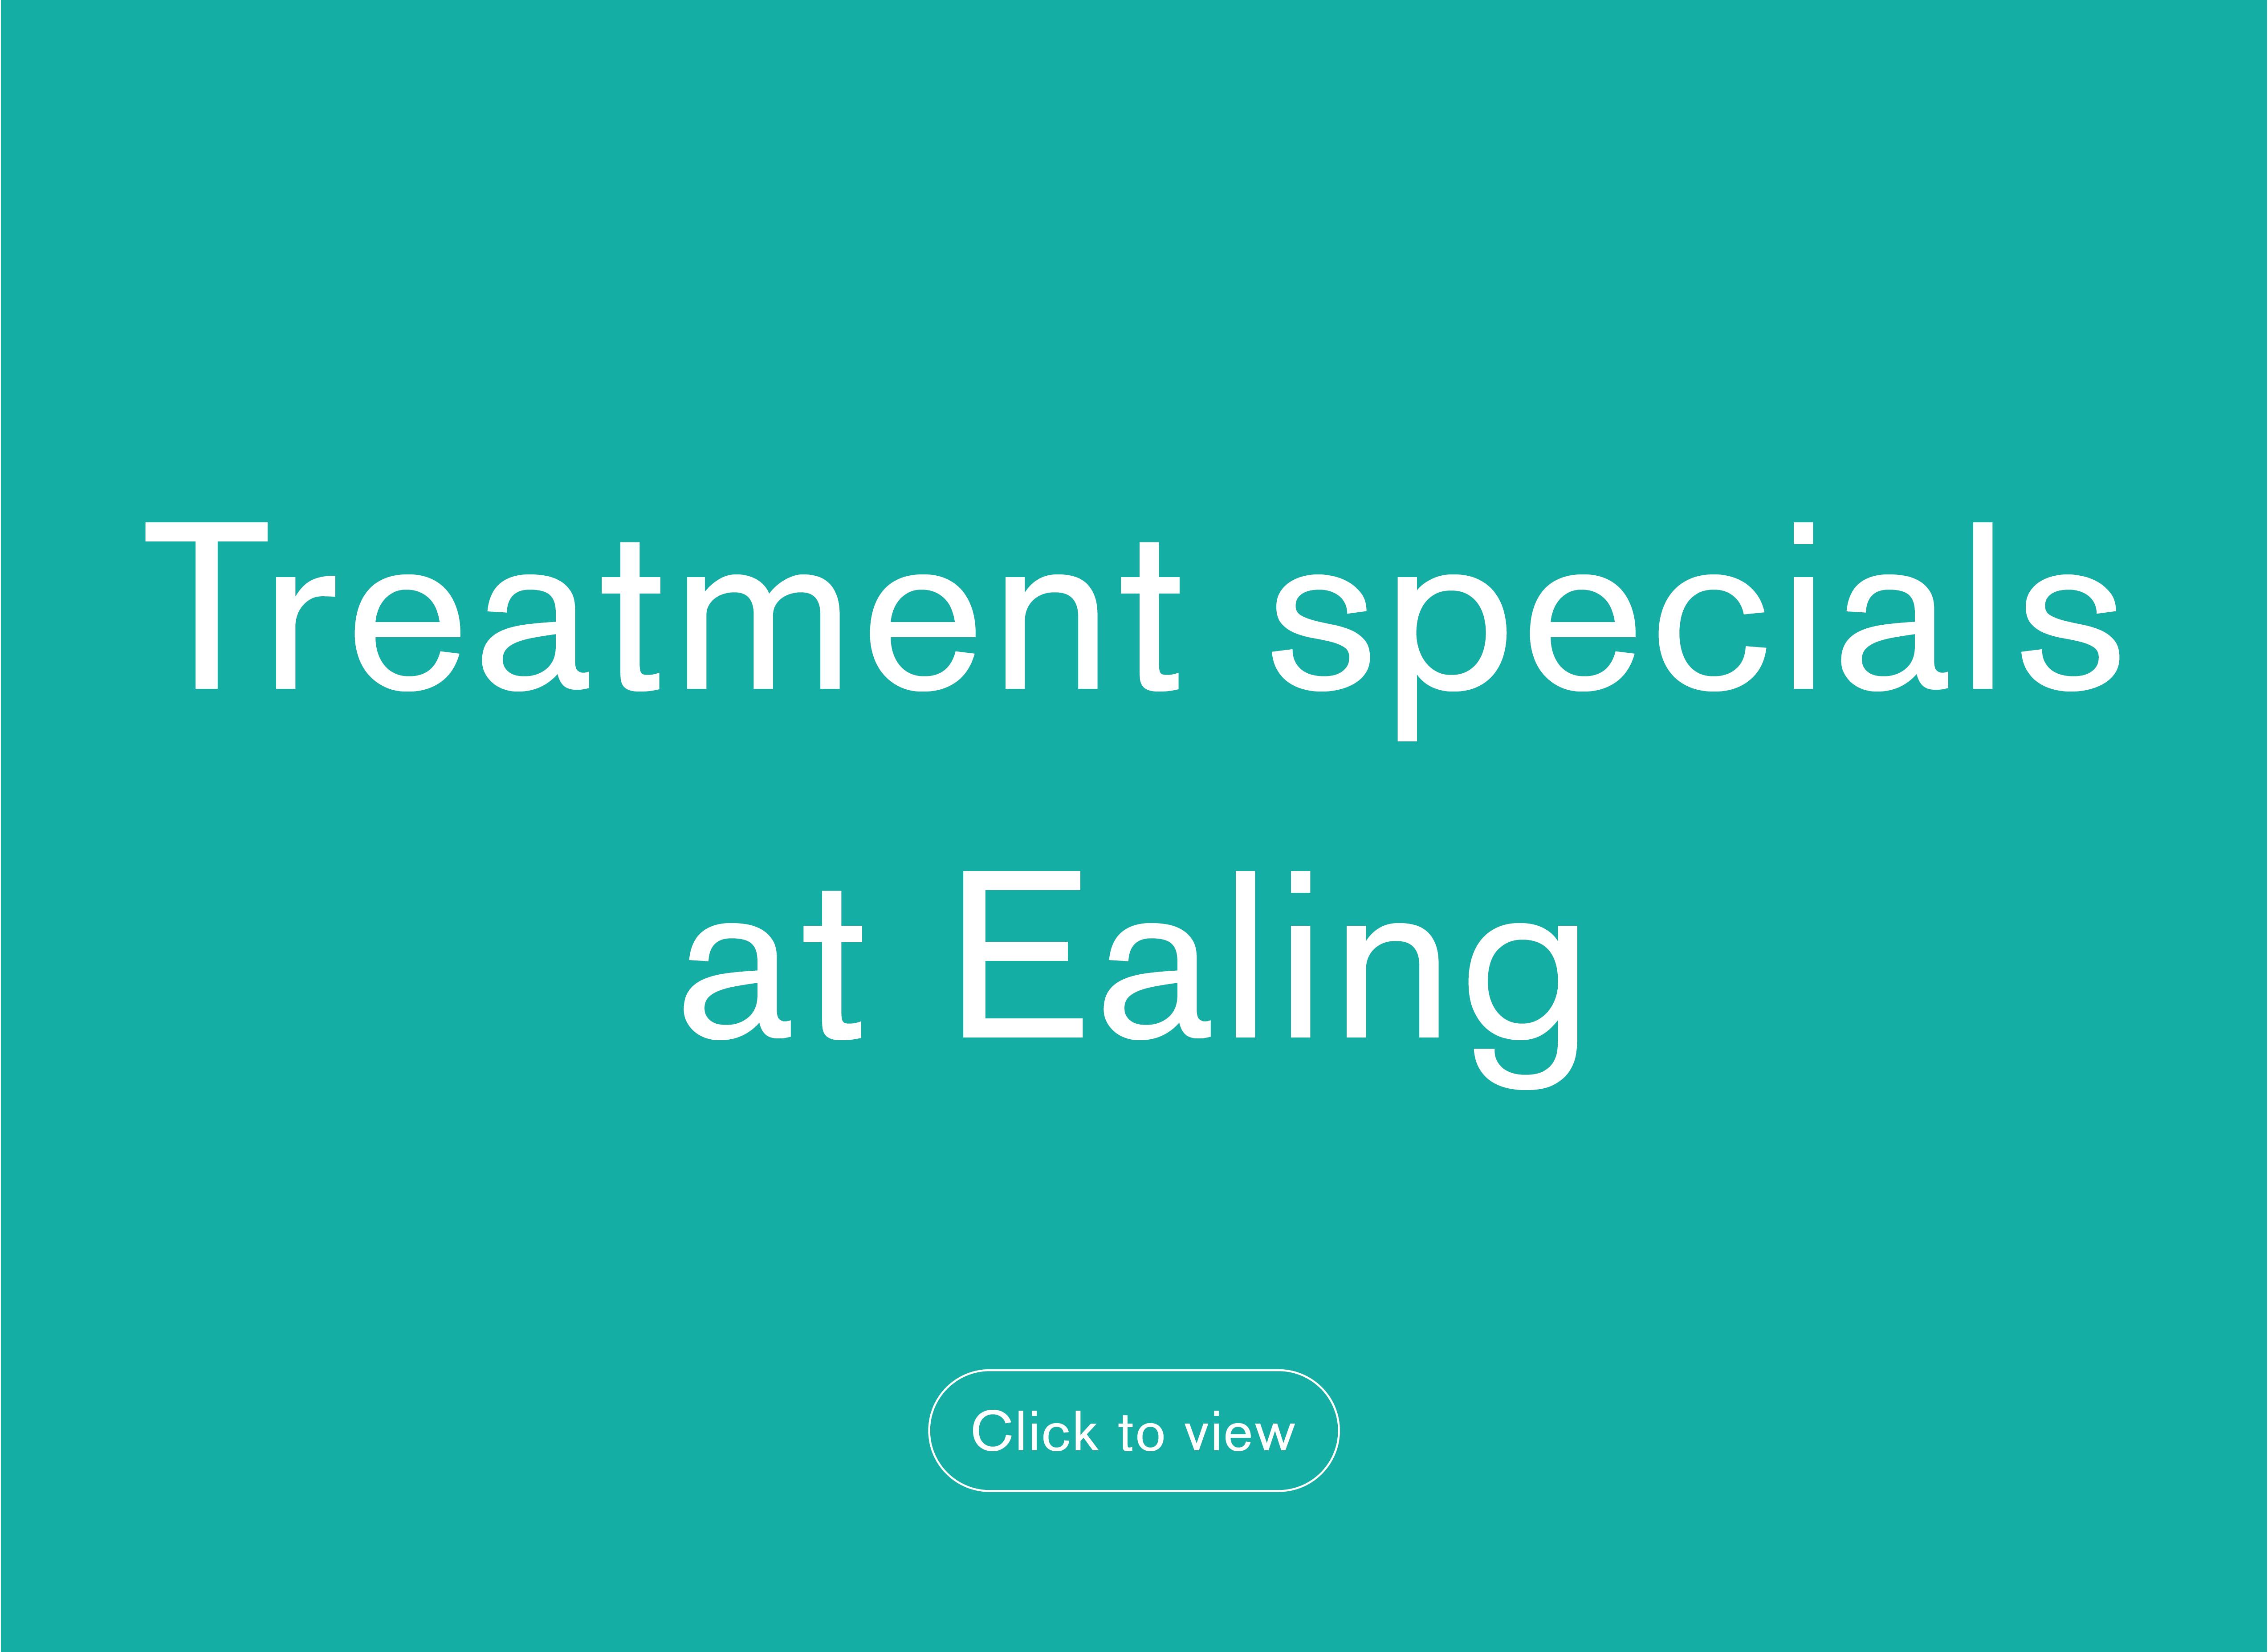 Treatment specials Ealing